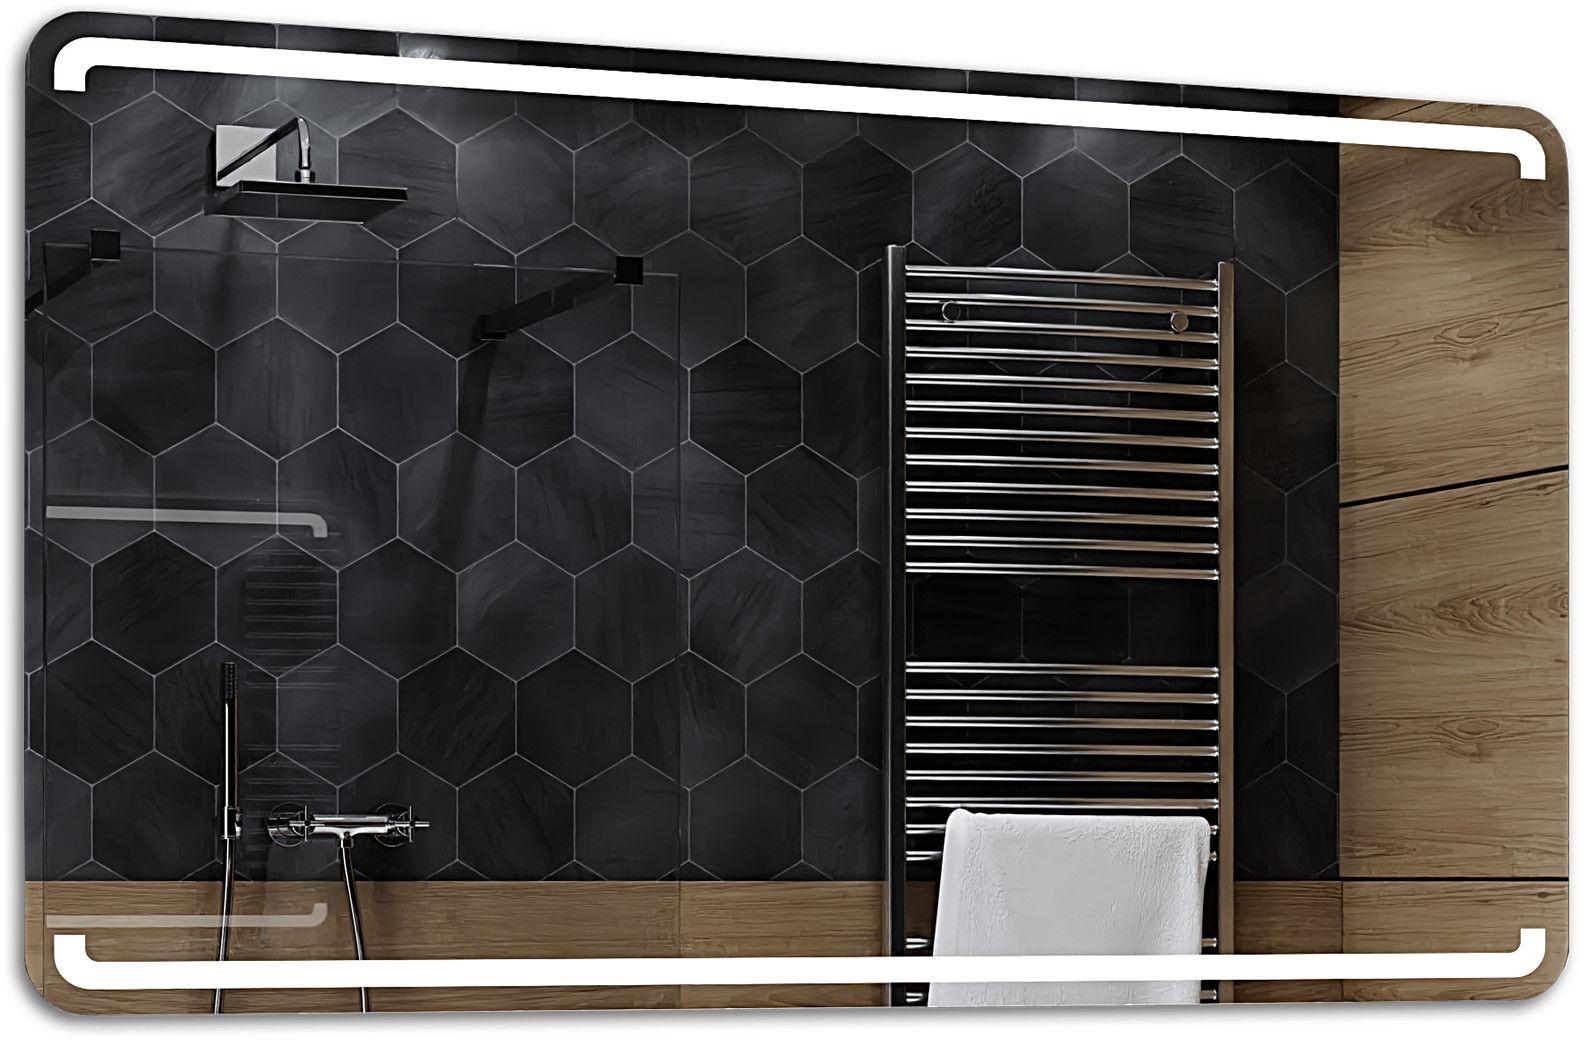 Alasta Lustro Łazienkowe z Podświetleniem LED - rozmiar 80x60cm - zimny kolor LED - Model Mediolan